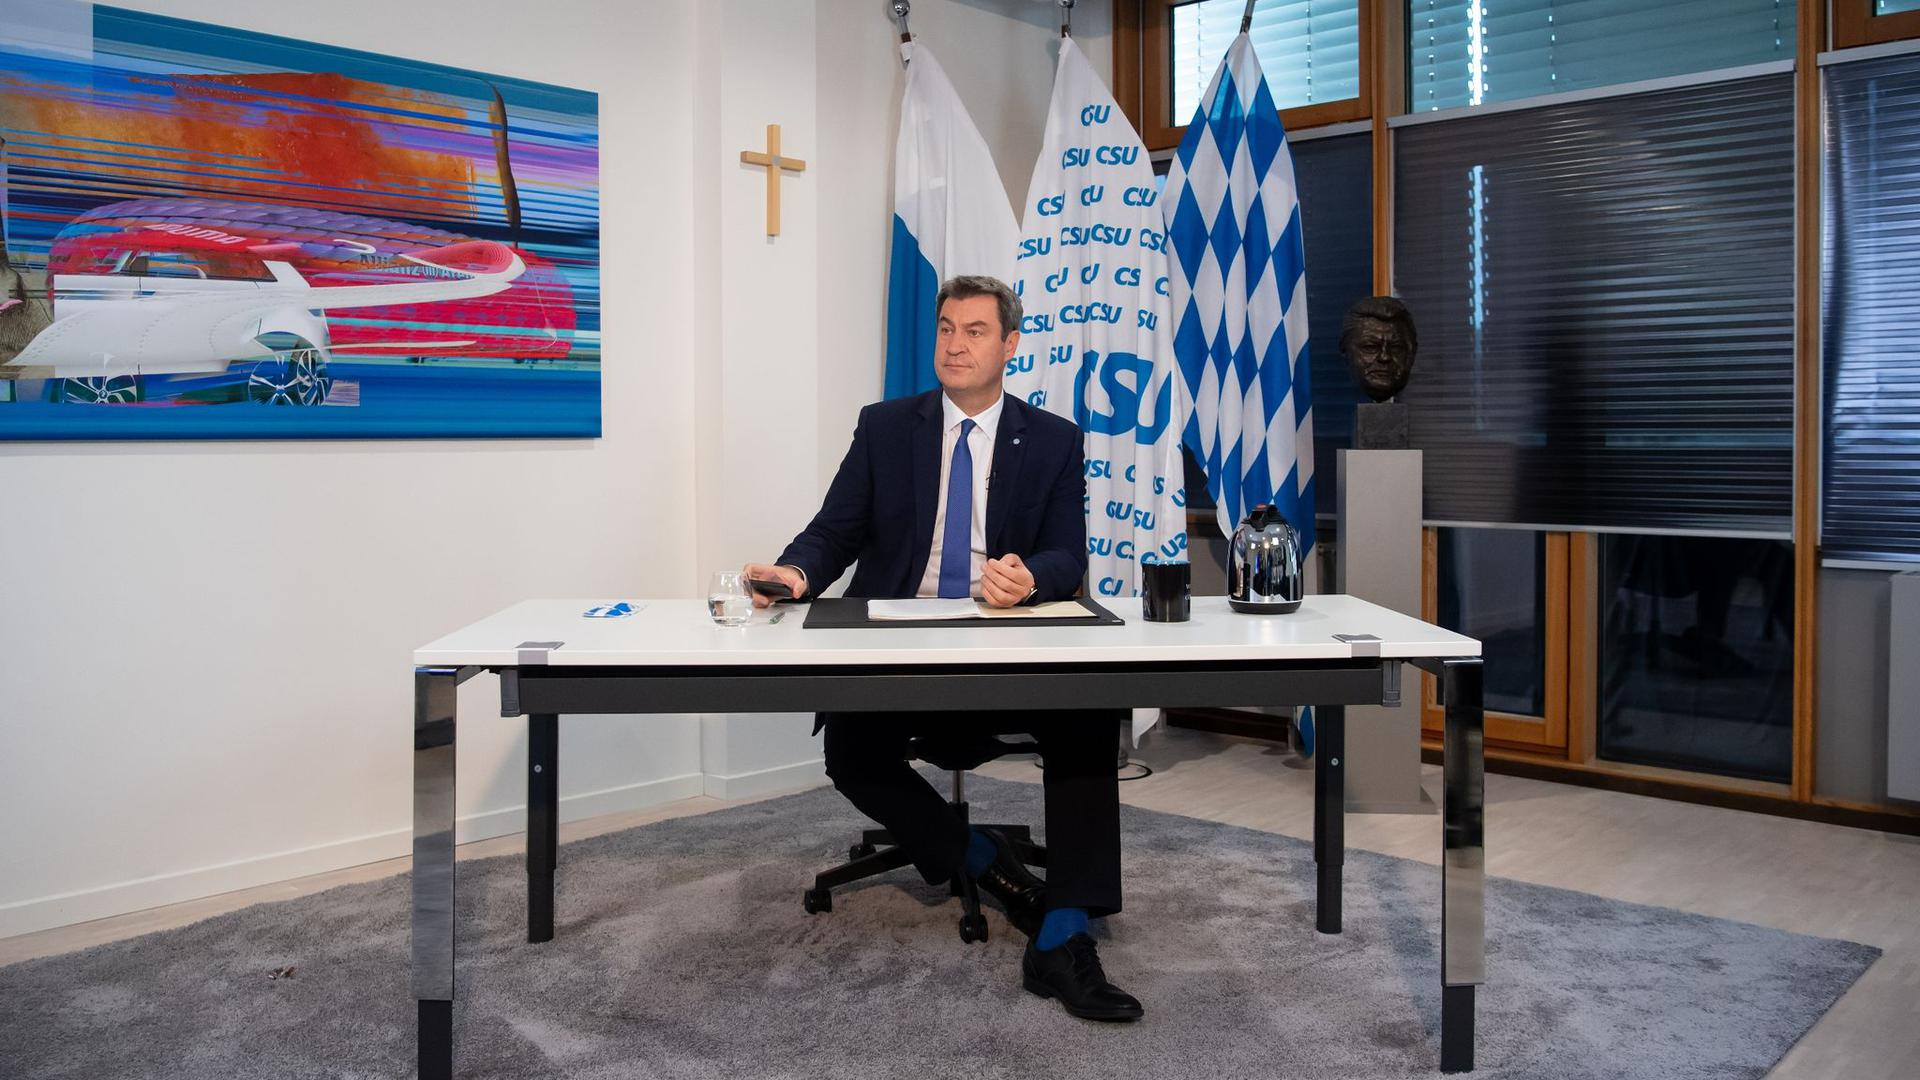 CSU-Chef Markus Söder während des digitalen Parteitags der CSU in München.